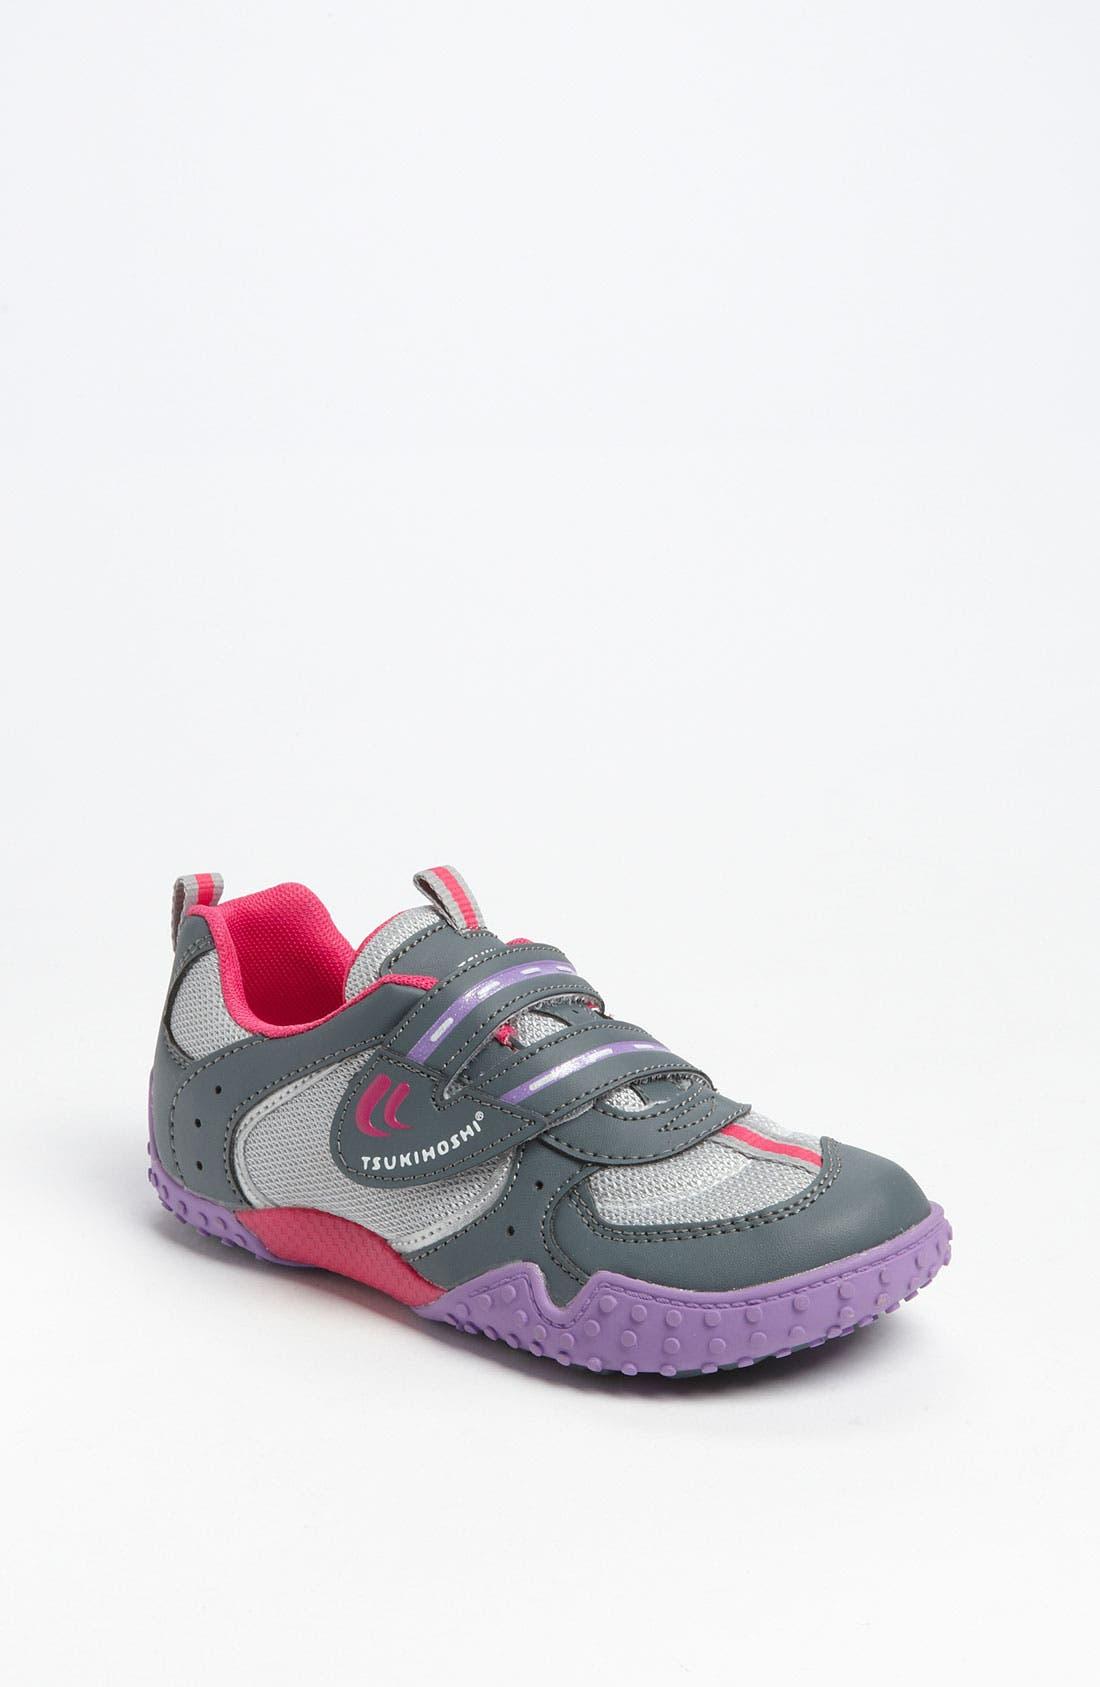 Main Image - Tsukihoshi 'Child 28' Sneaker (Walker, Toddler & Little Kid)